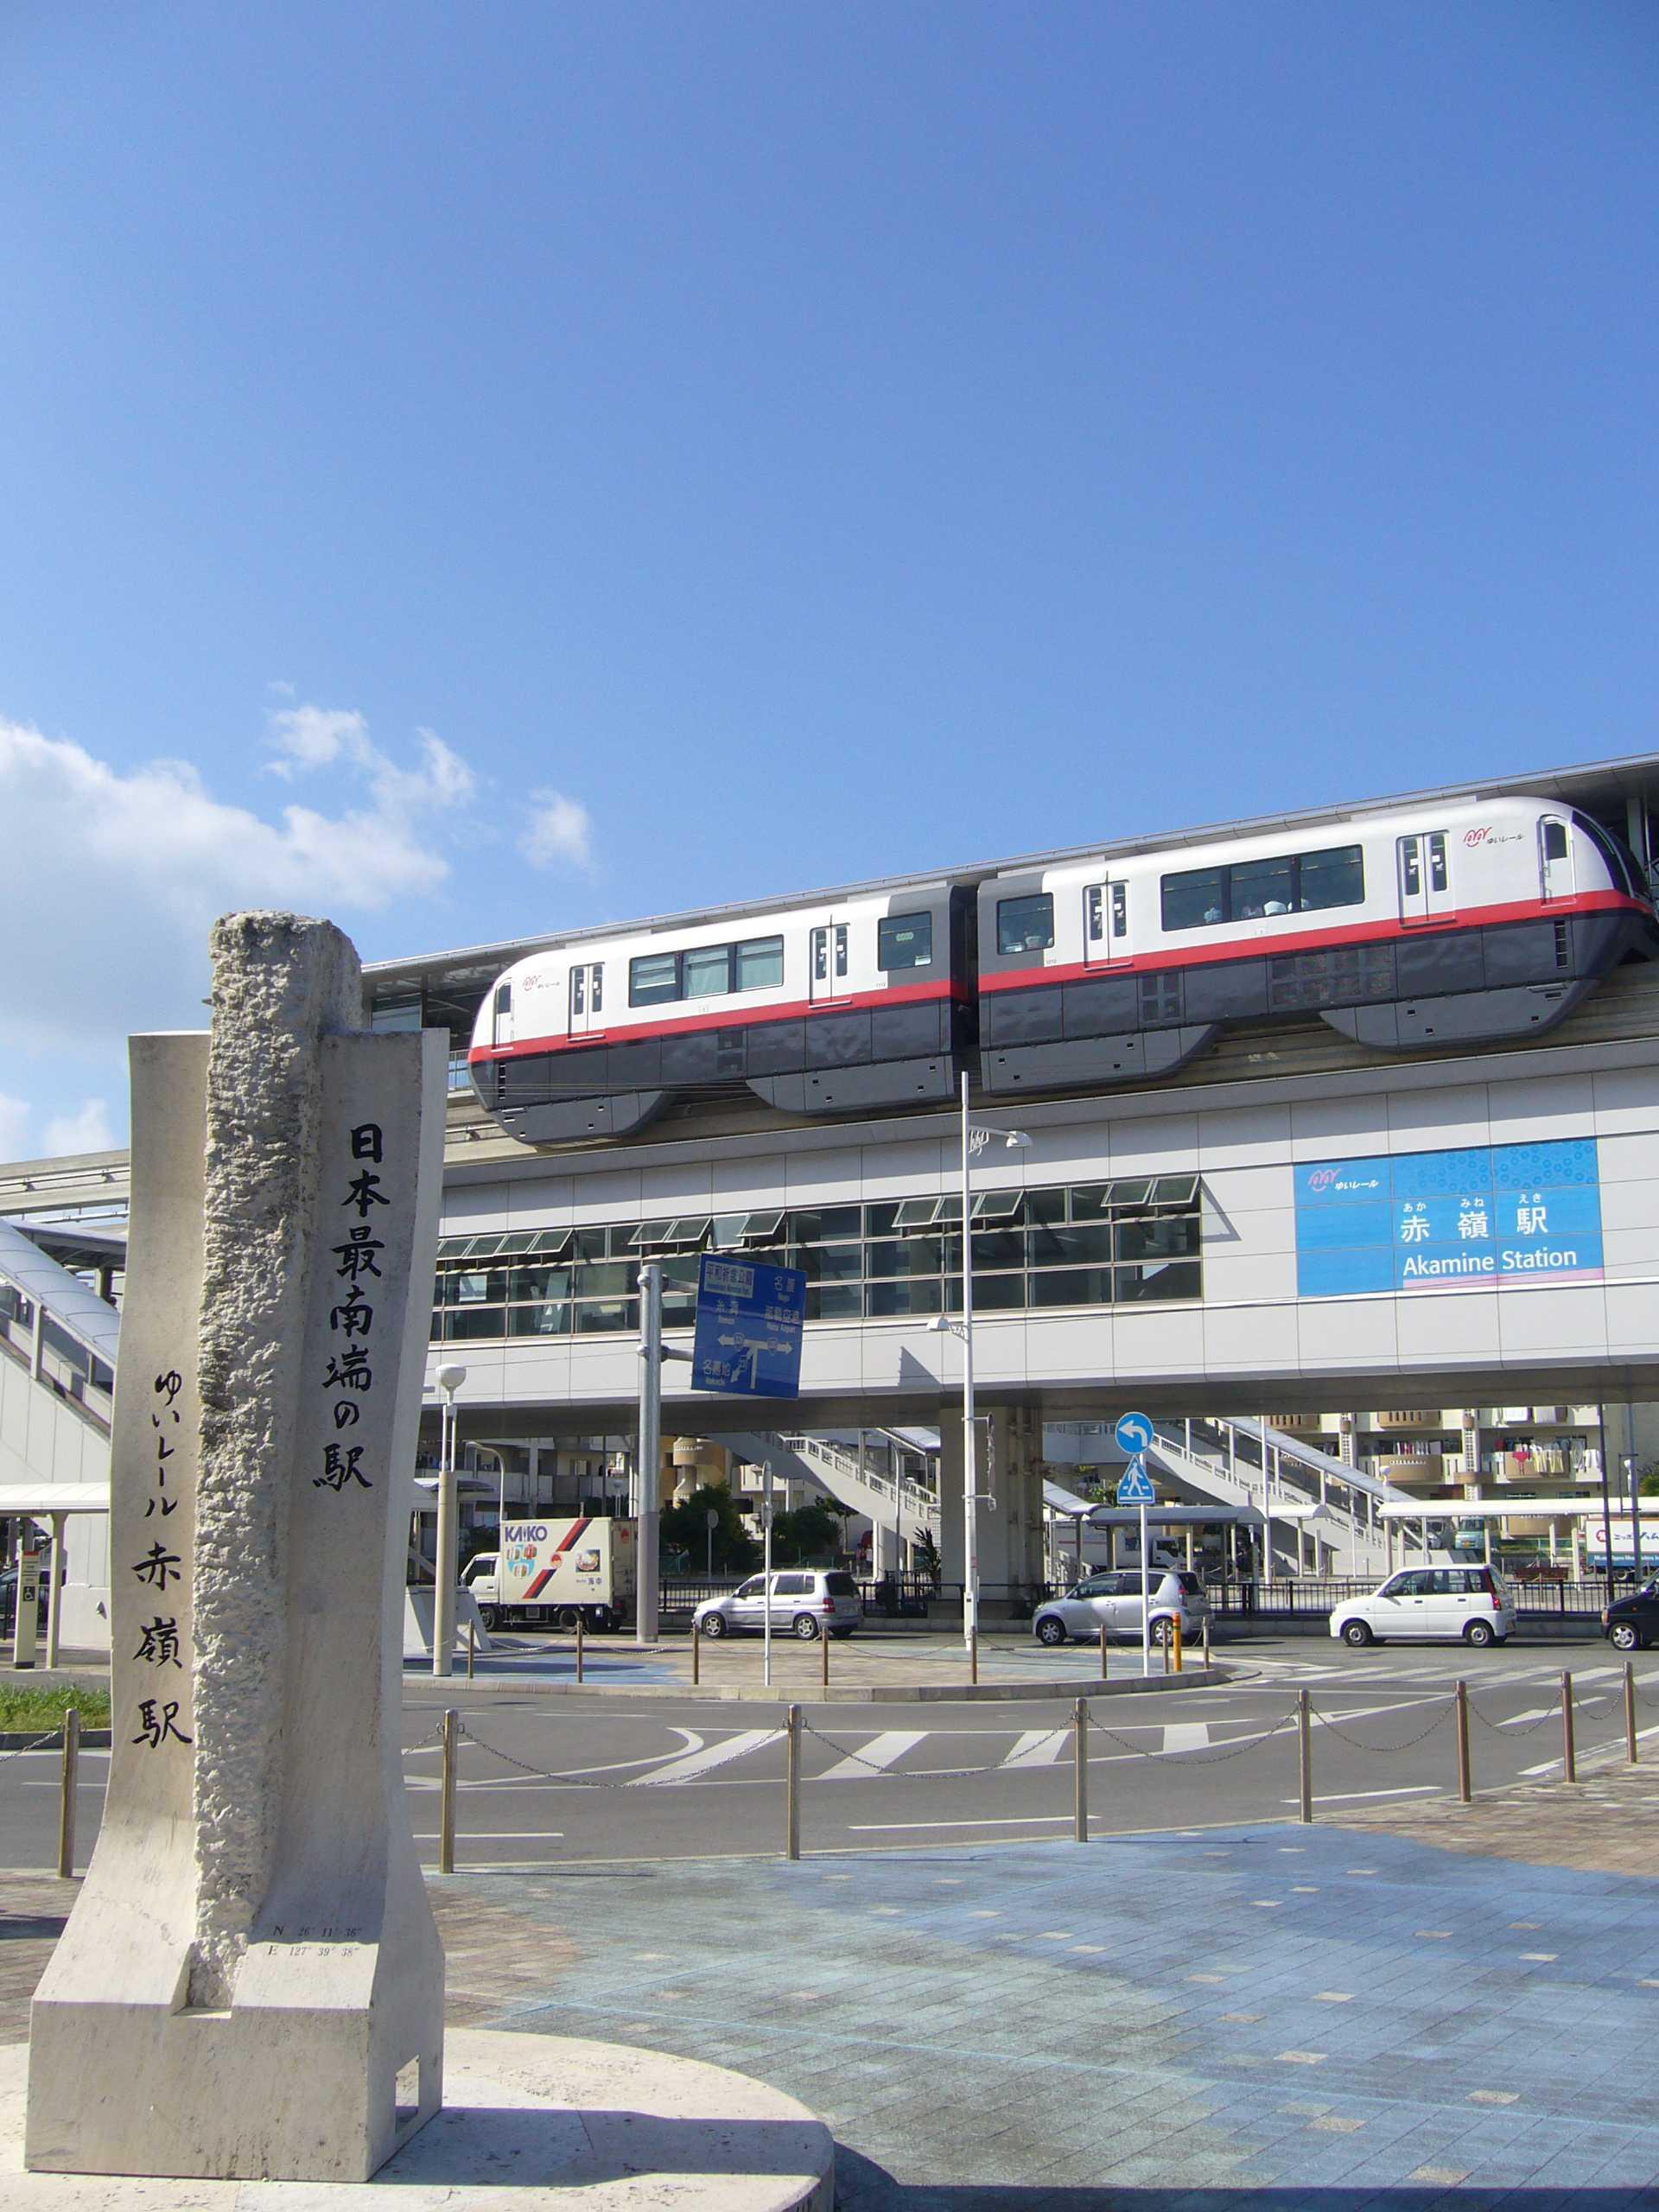 赤嶺駅に停車中のモノレールと最南端記念碑(クリックで拡大)